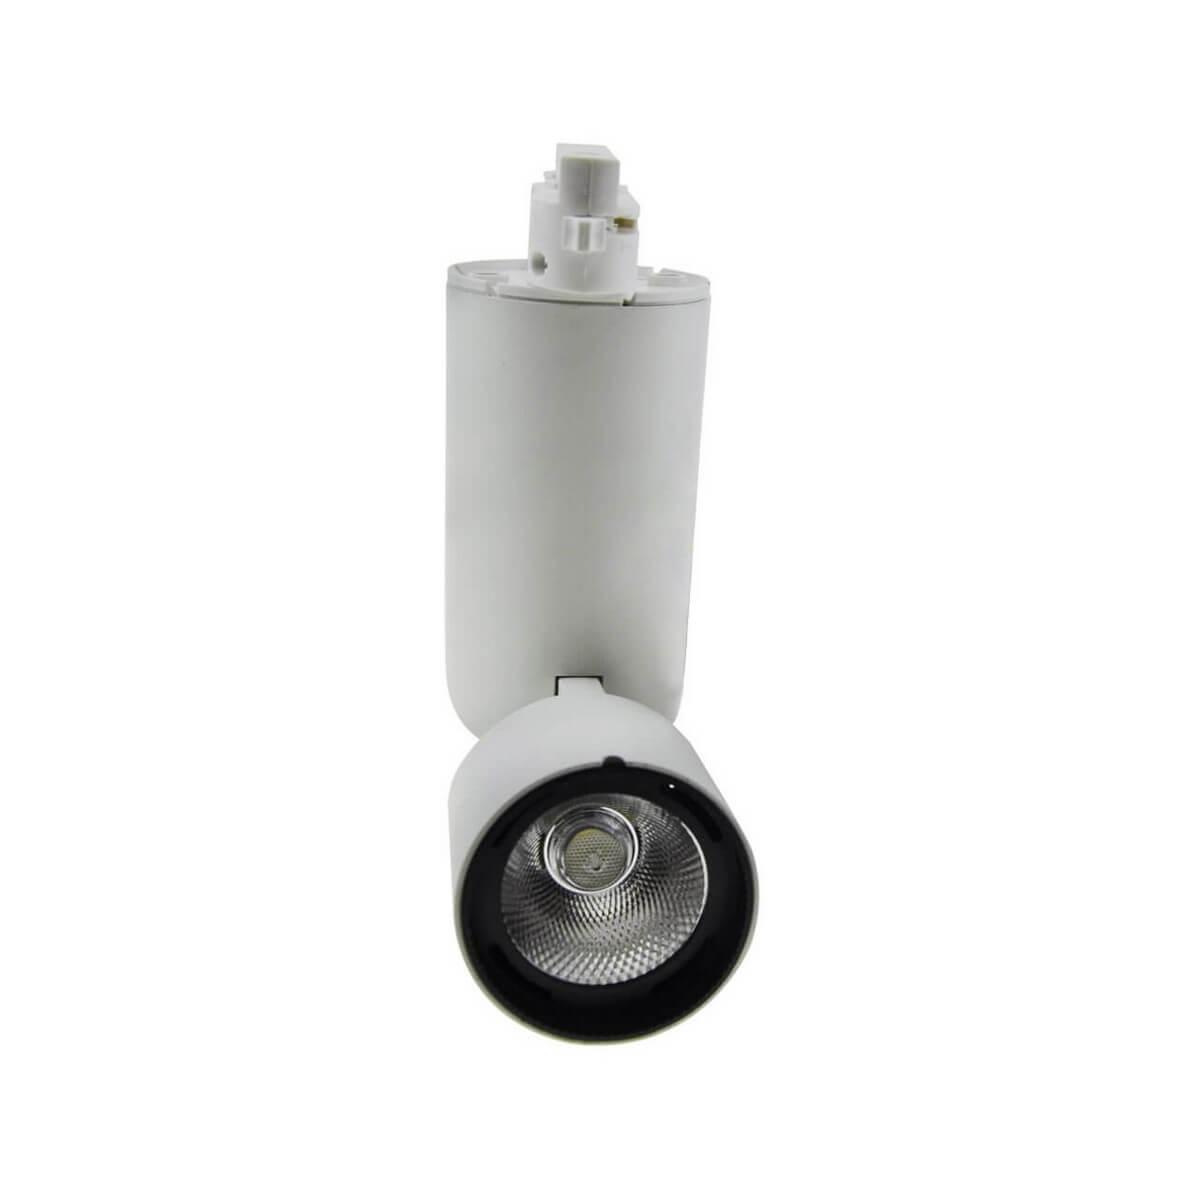 Фото - Трековый светильник Kink Light 6486,01, LED, 12 Вт накладной светильник kink light фейерверк 08013